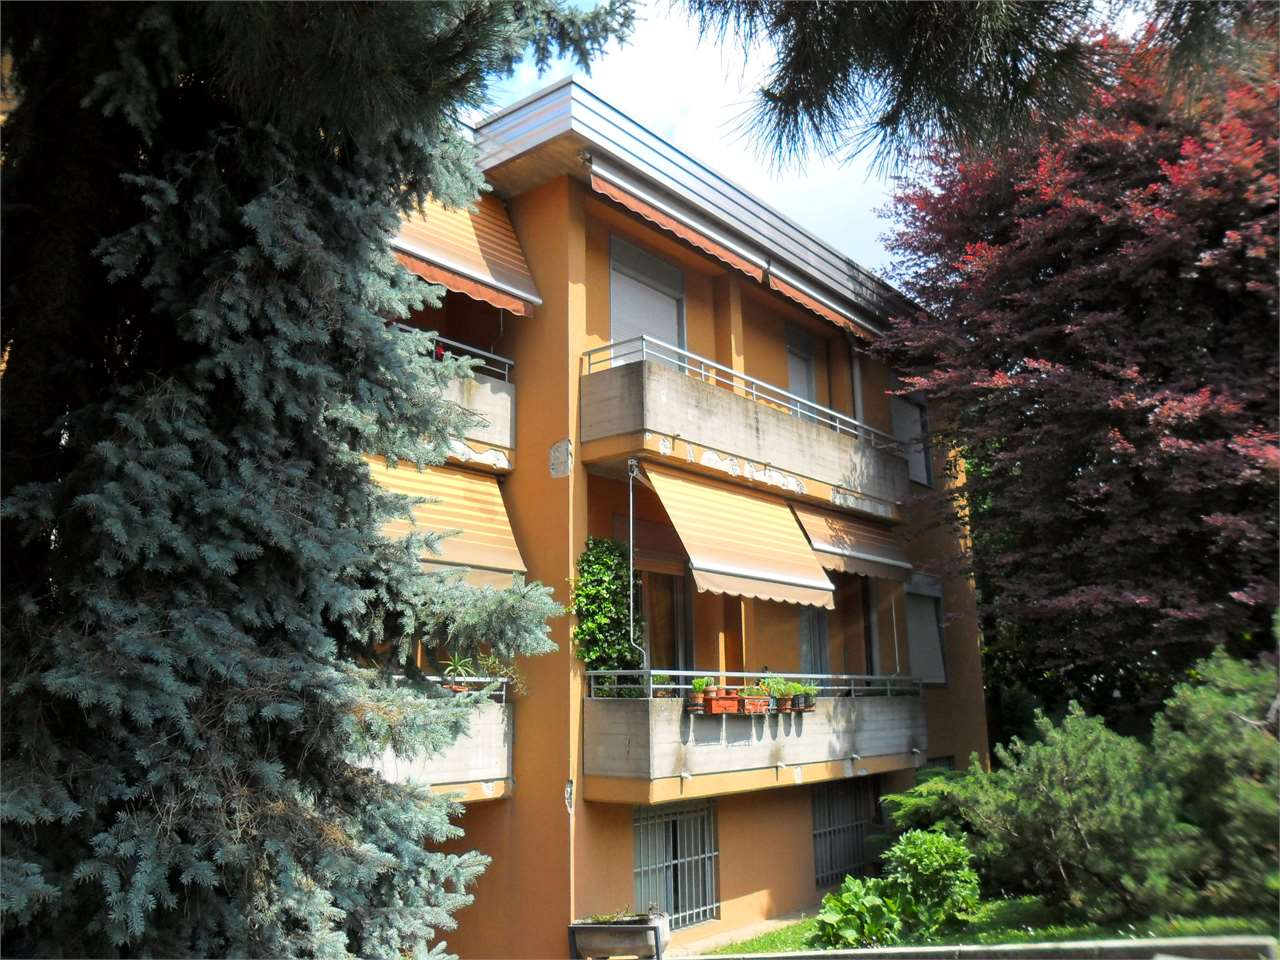 Appartamento in vendita a Legnano, 1 locali, zona Zona: San Paolo, prezzo € 60.000 | CambioCasa.it